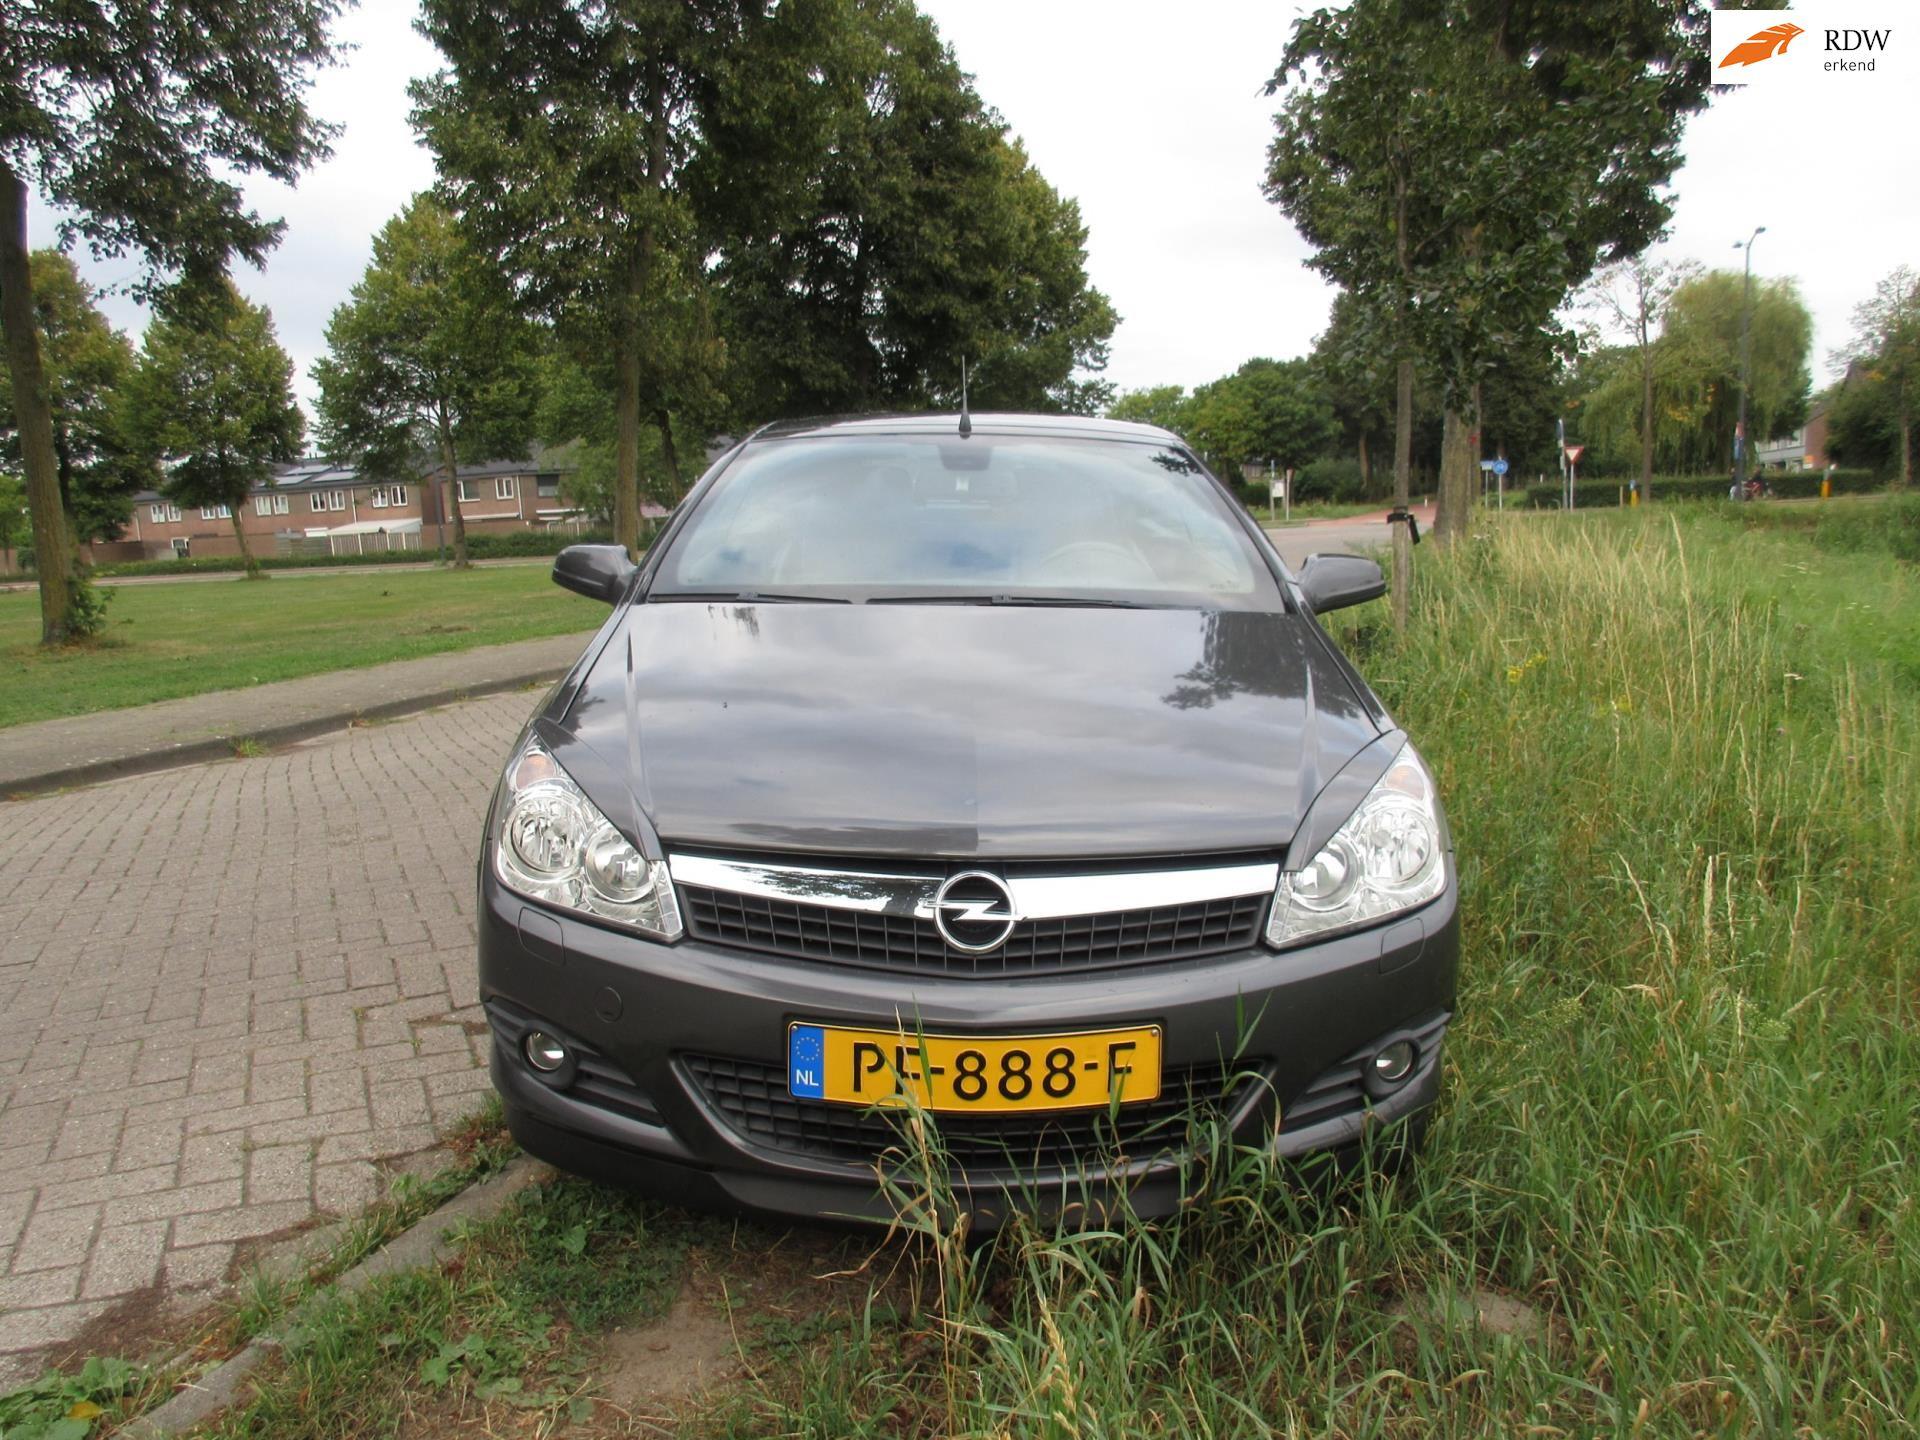 Opel Astra TwinTop occasion - Autobedrijf van Wezel